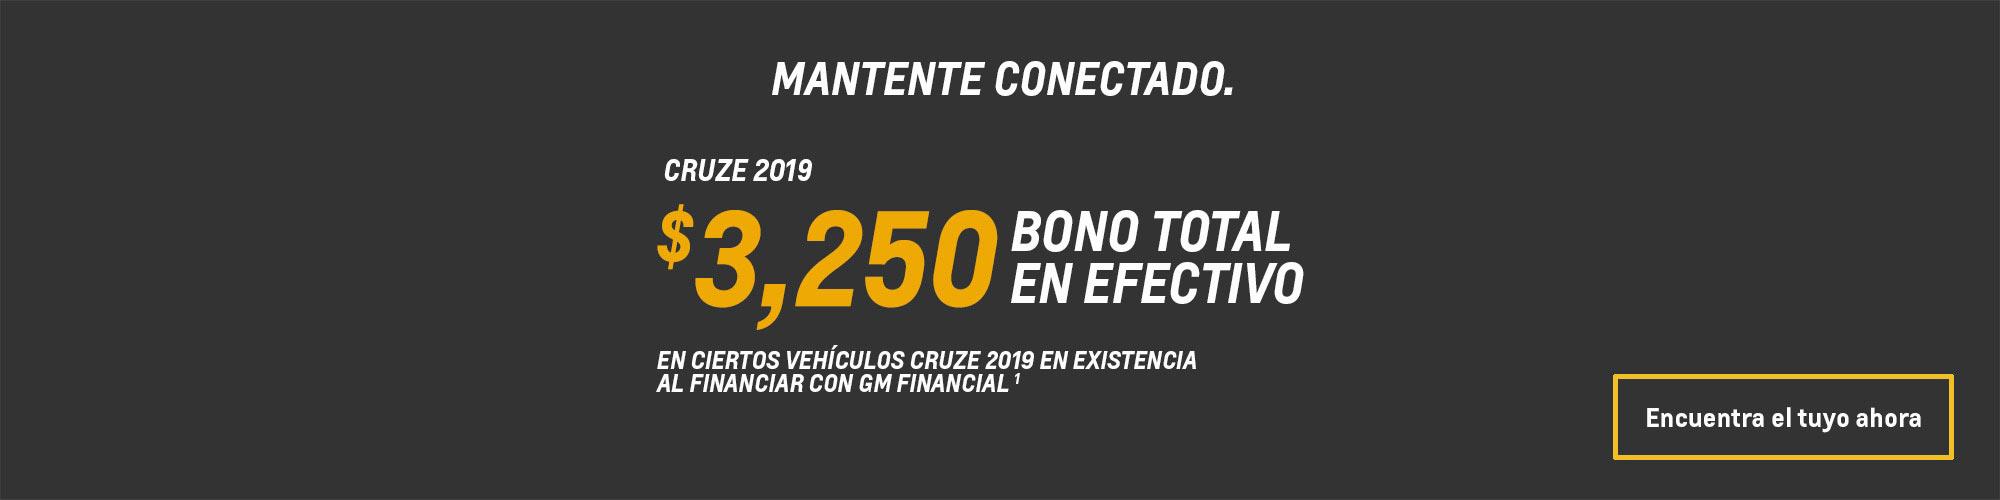 Ofertas en autos compactos Cruze 2019